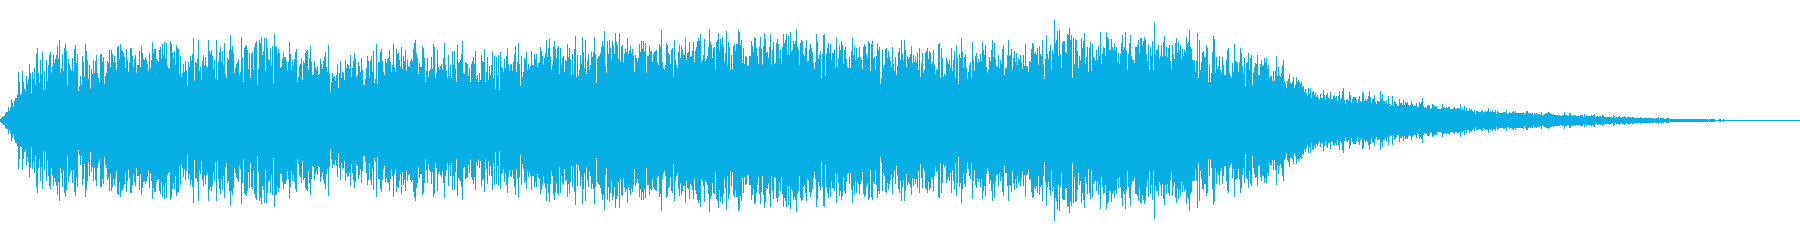 乱気流騒音の再生済みの波形